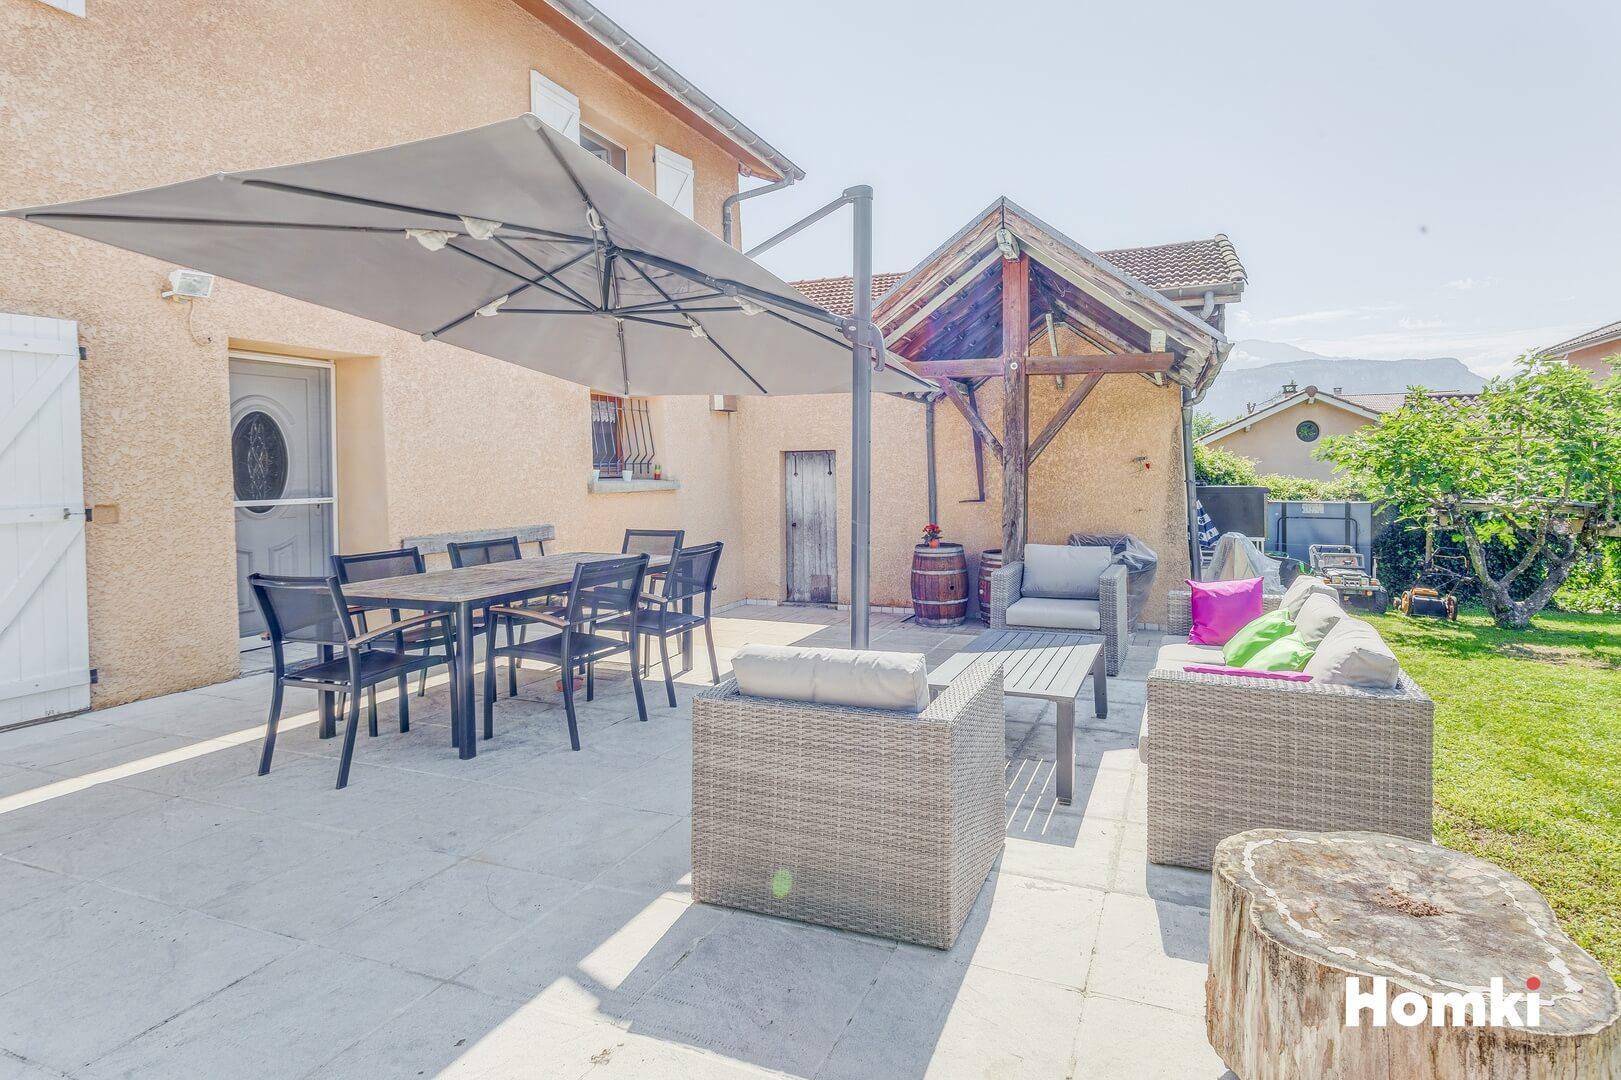 Homki - Vente Maison/villa  de 200.0 m² à Voiron 38500